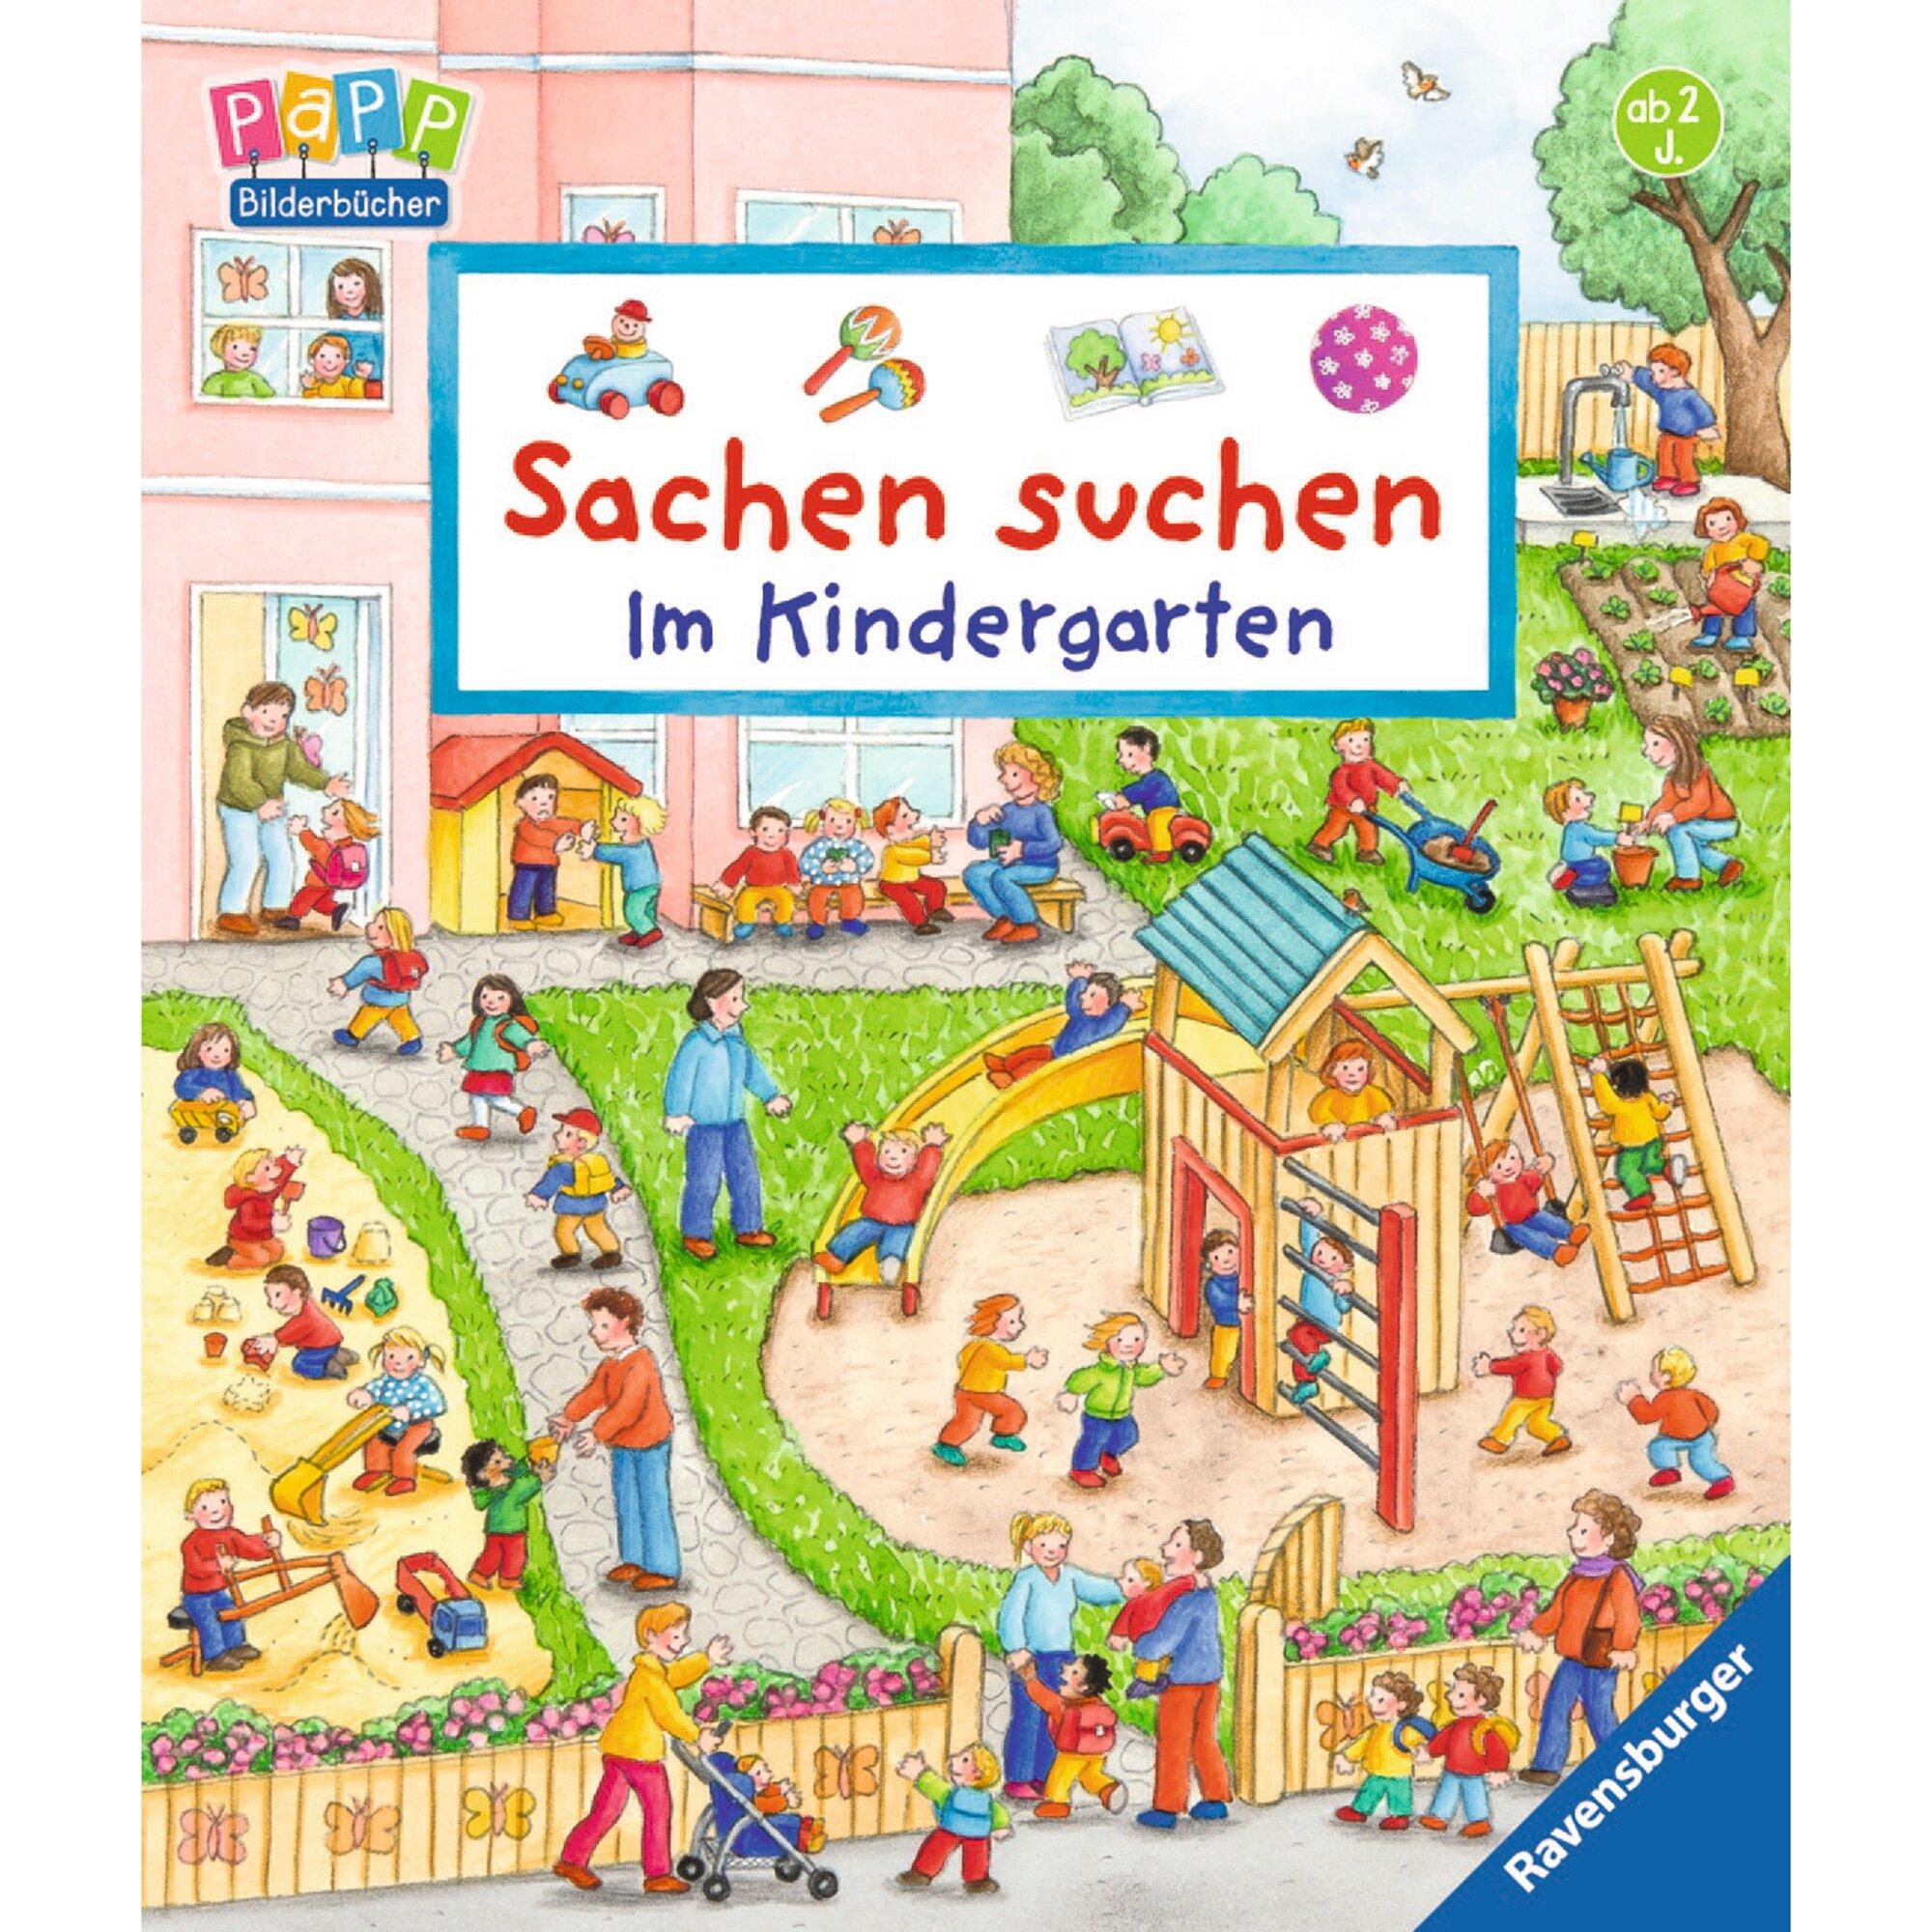 Ravensburger Pappbilderbuch-Sachen suchen: Im Kindergarten